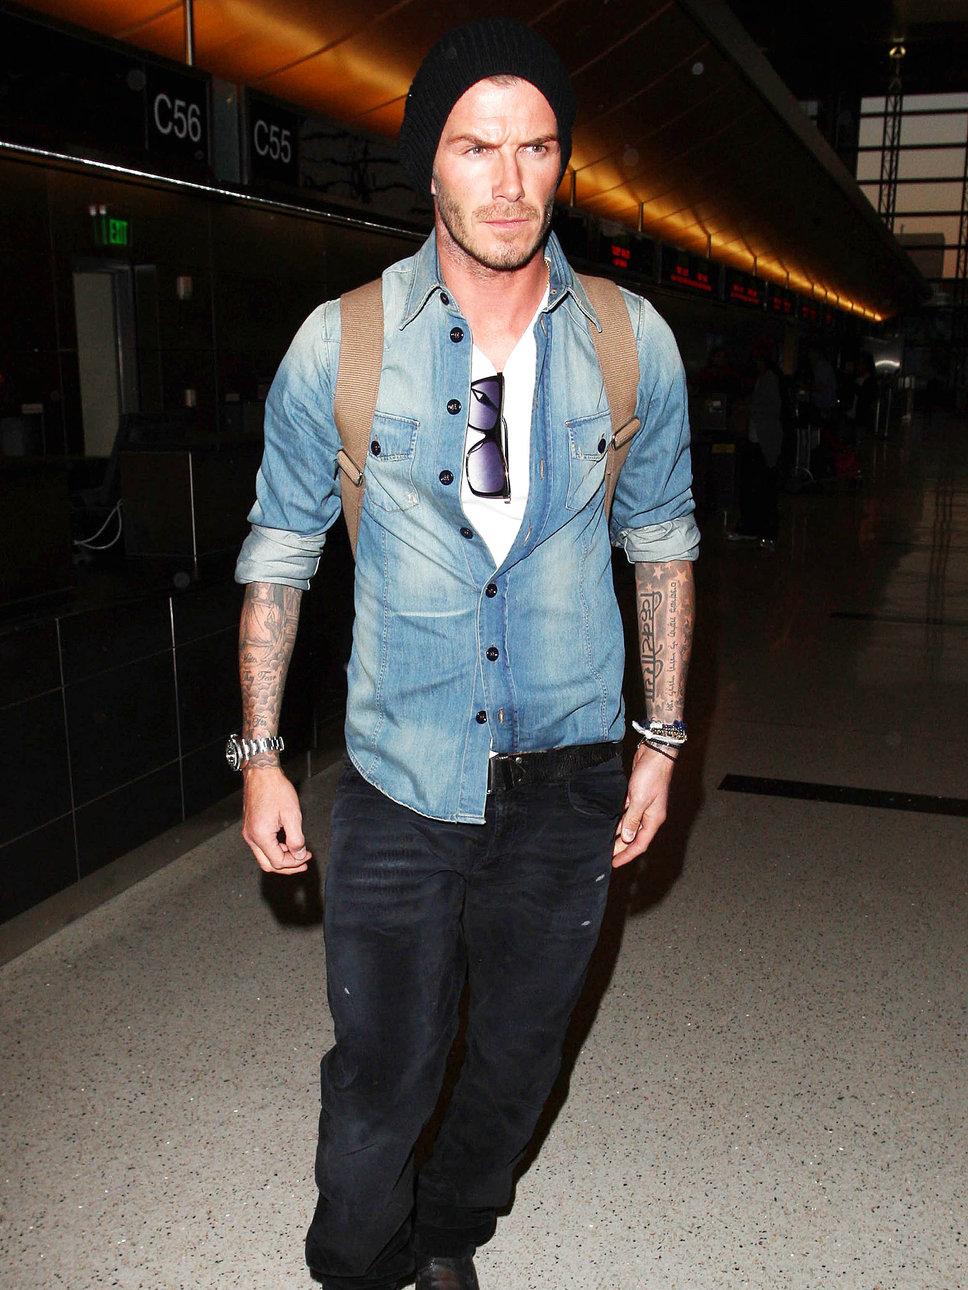 Foi  lá por 2010 que ele se consolidou como um cara bem vestido de verdade.  Jeans e acessórios pontuais viraram uma marca registrada.